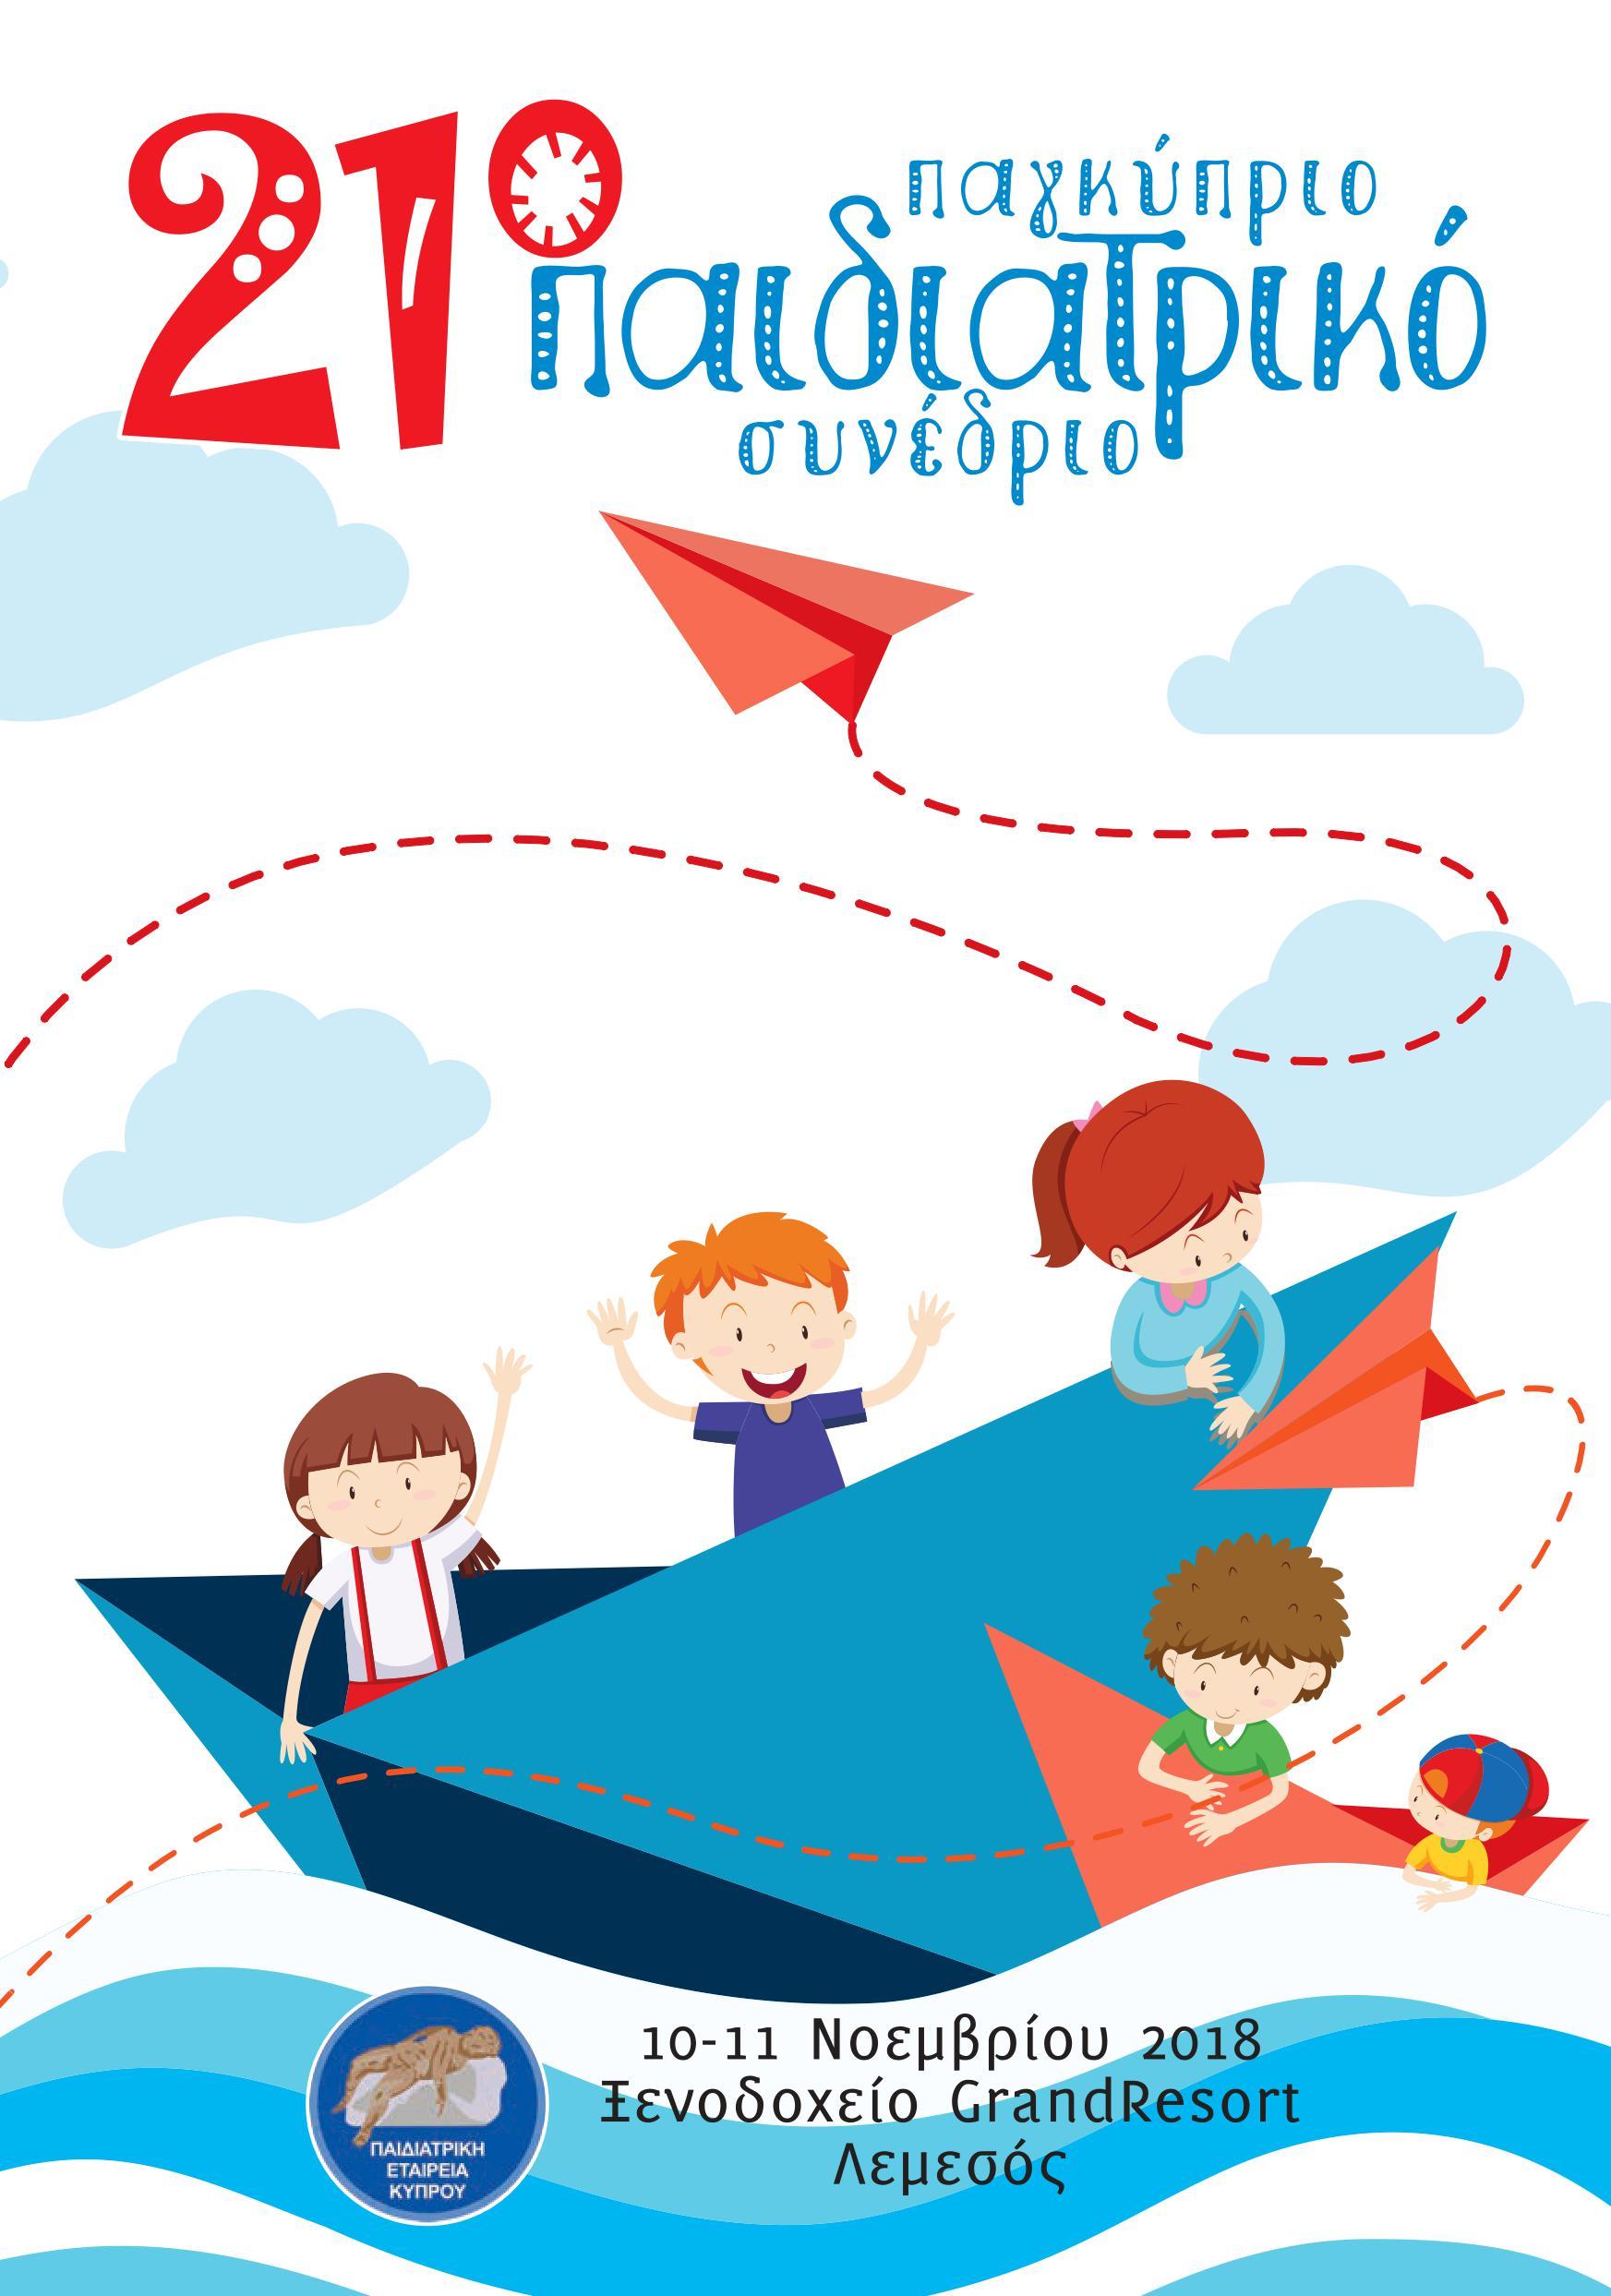 Βίντεο αποσπάσματα από το ΡΙΚ για το 21ο Παγκύπριο Παιδιατρικό Συνέδριο